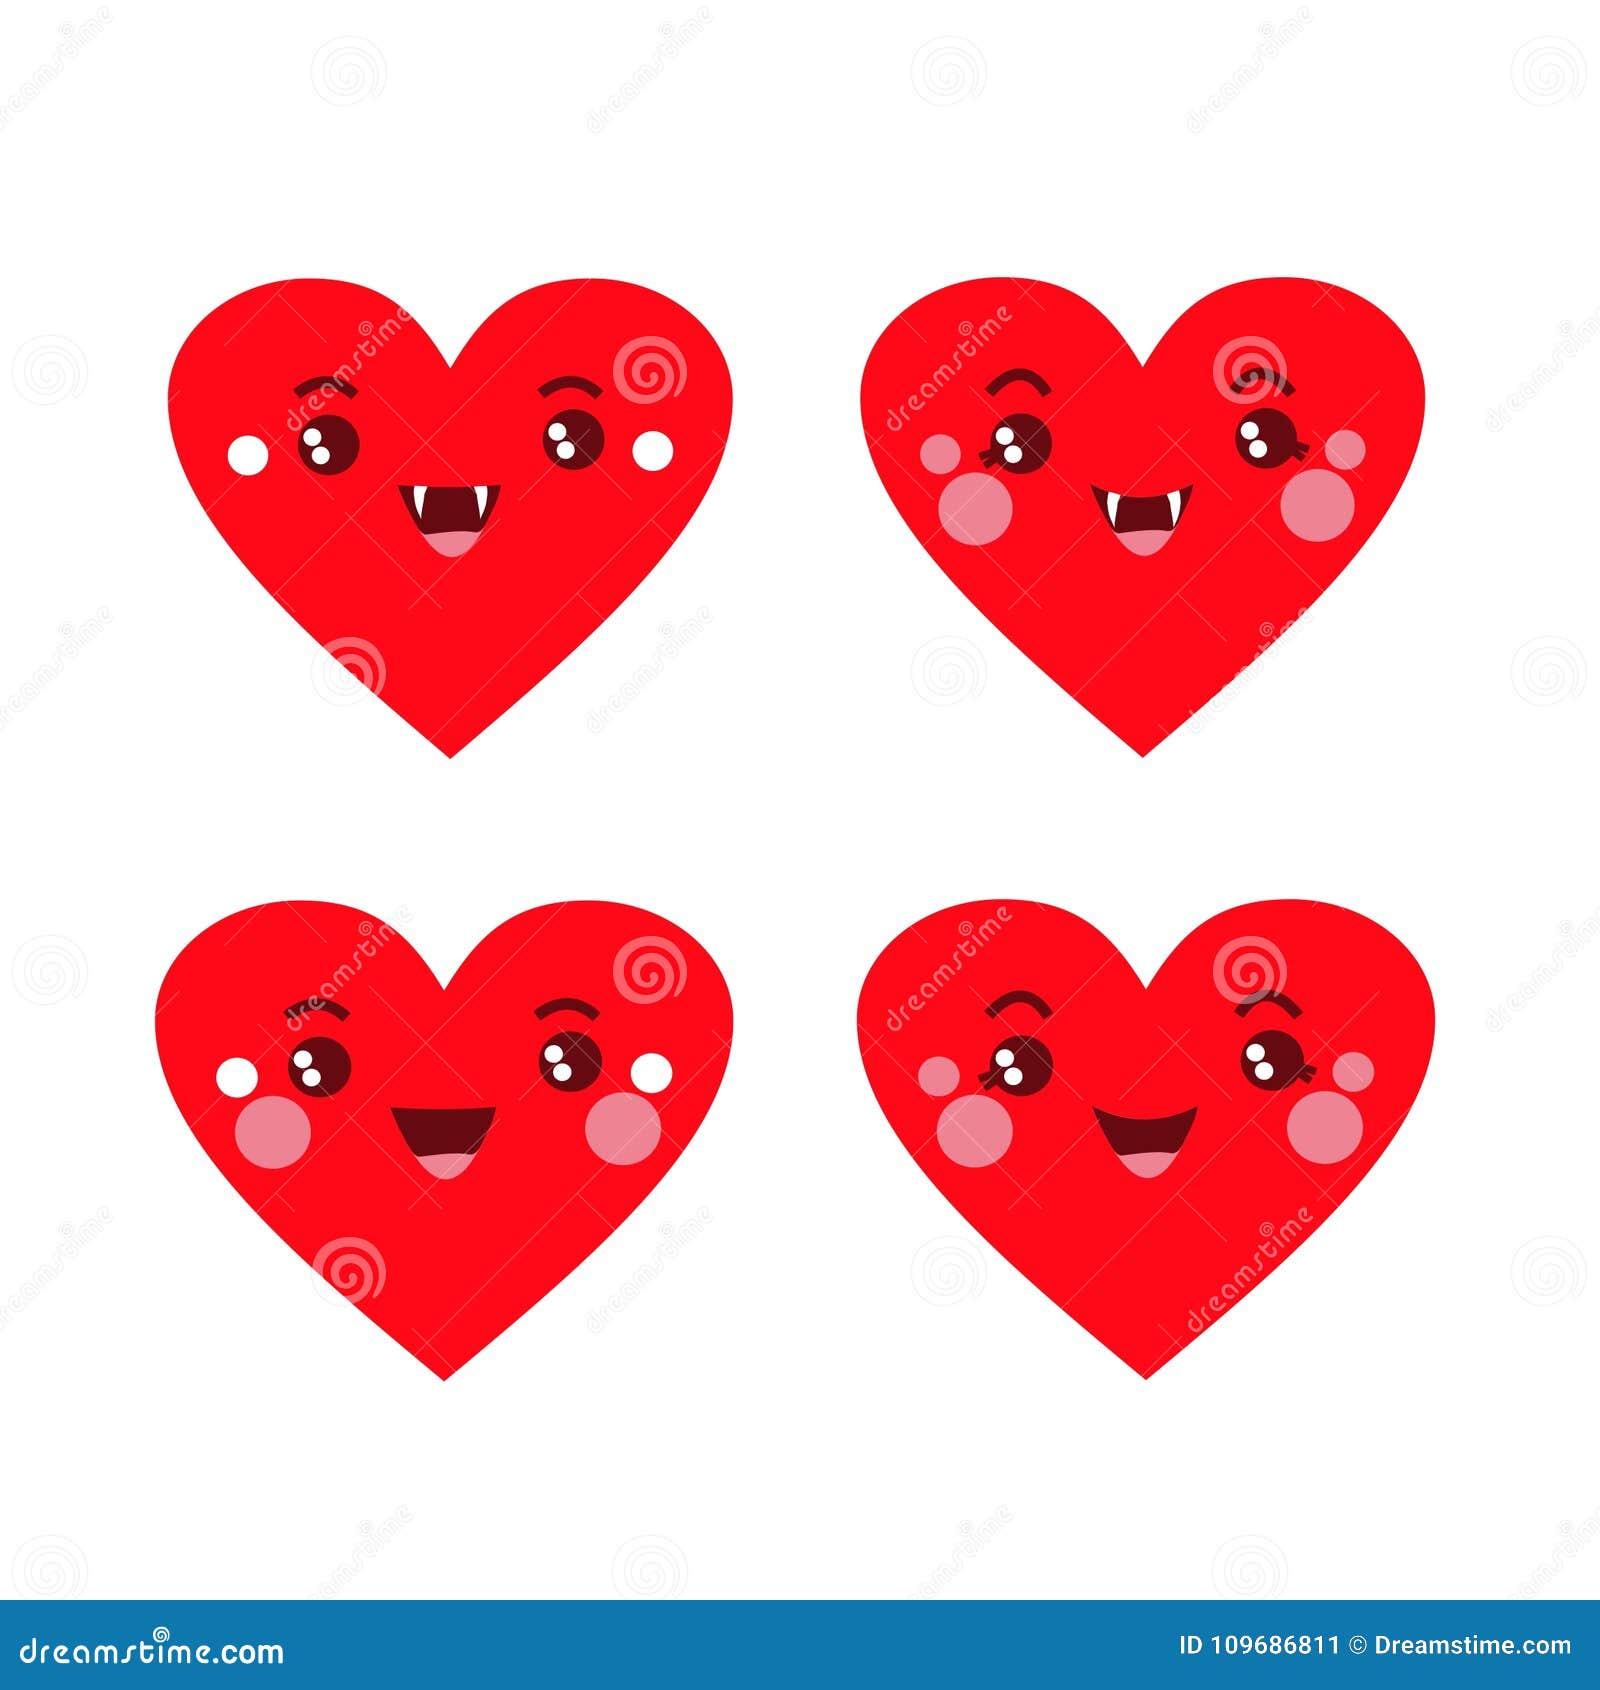 Cuatro corazones divertidos con rajitsami divertido